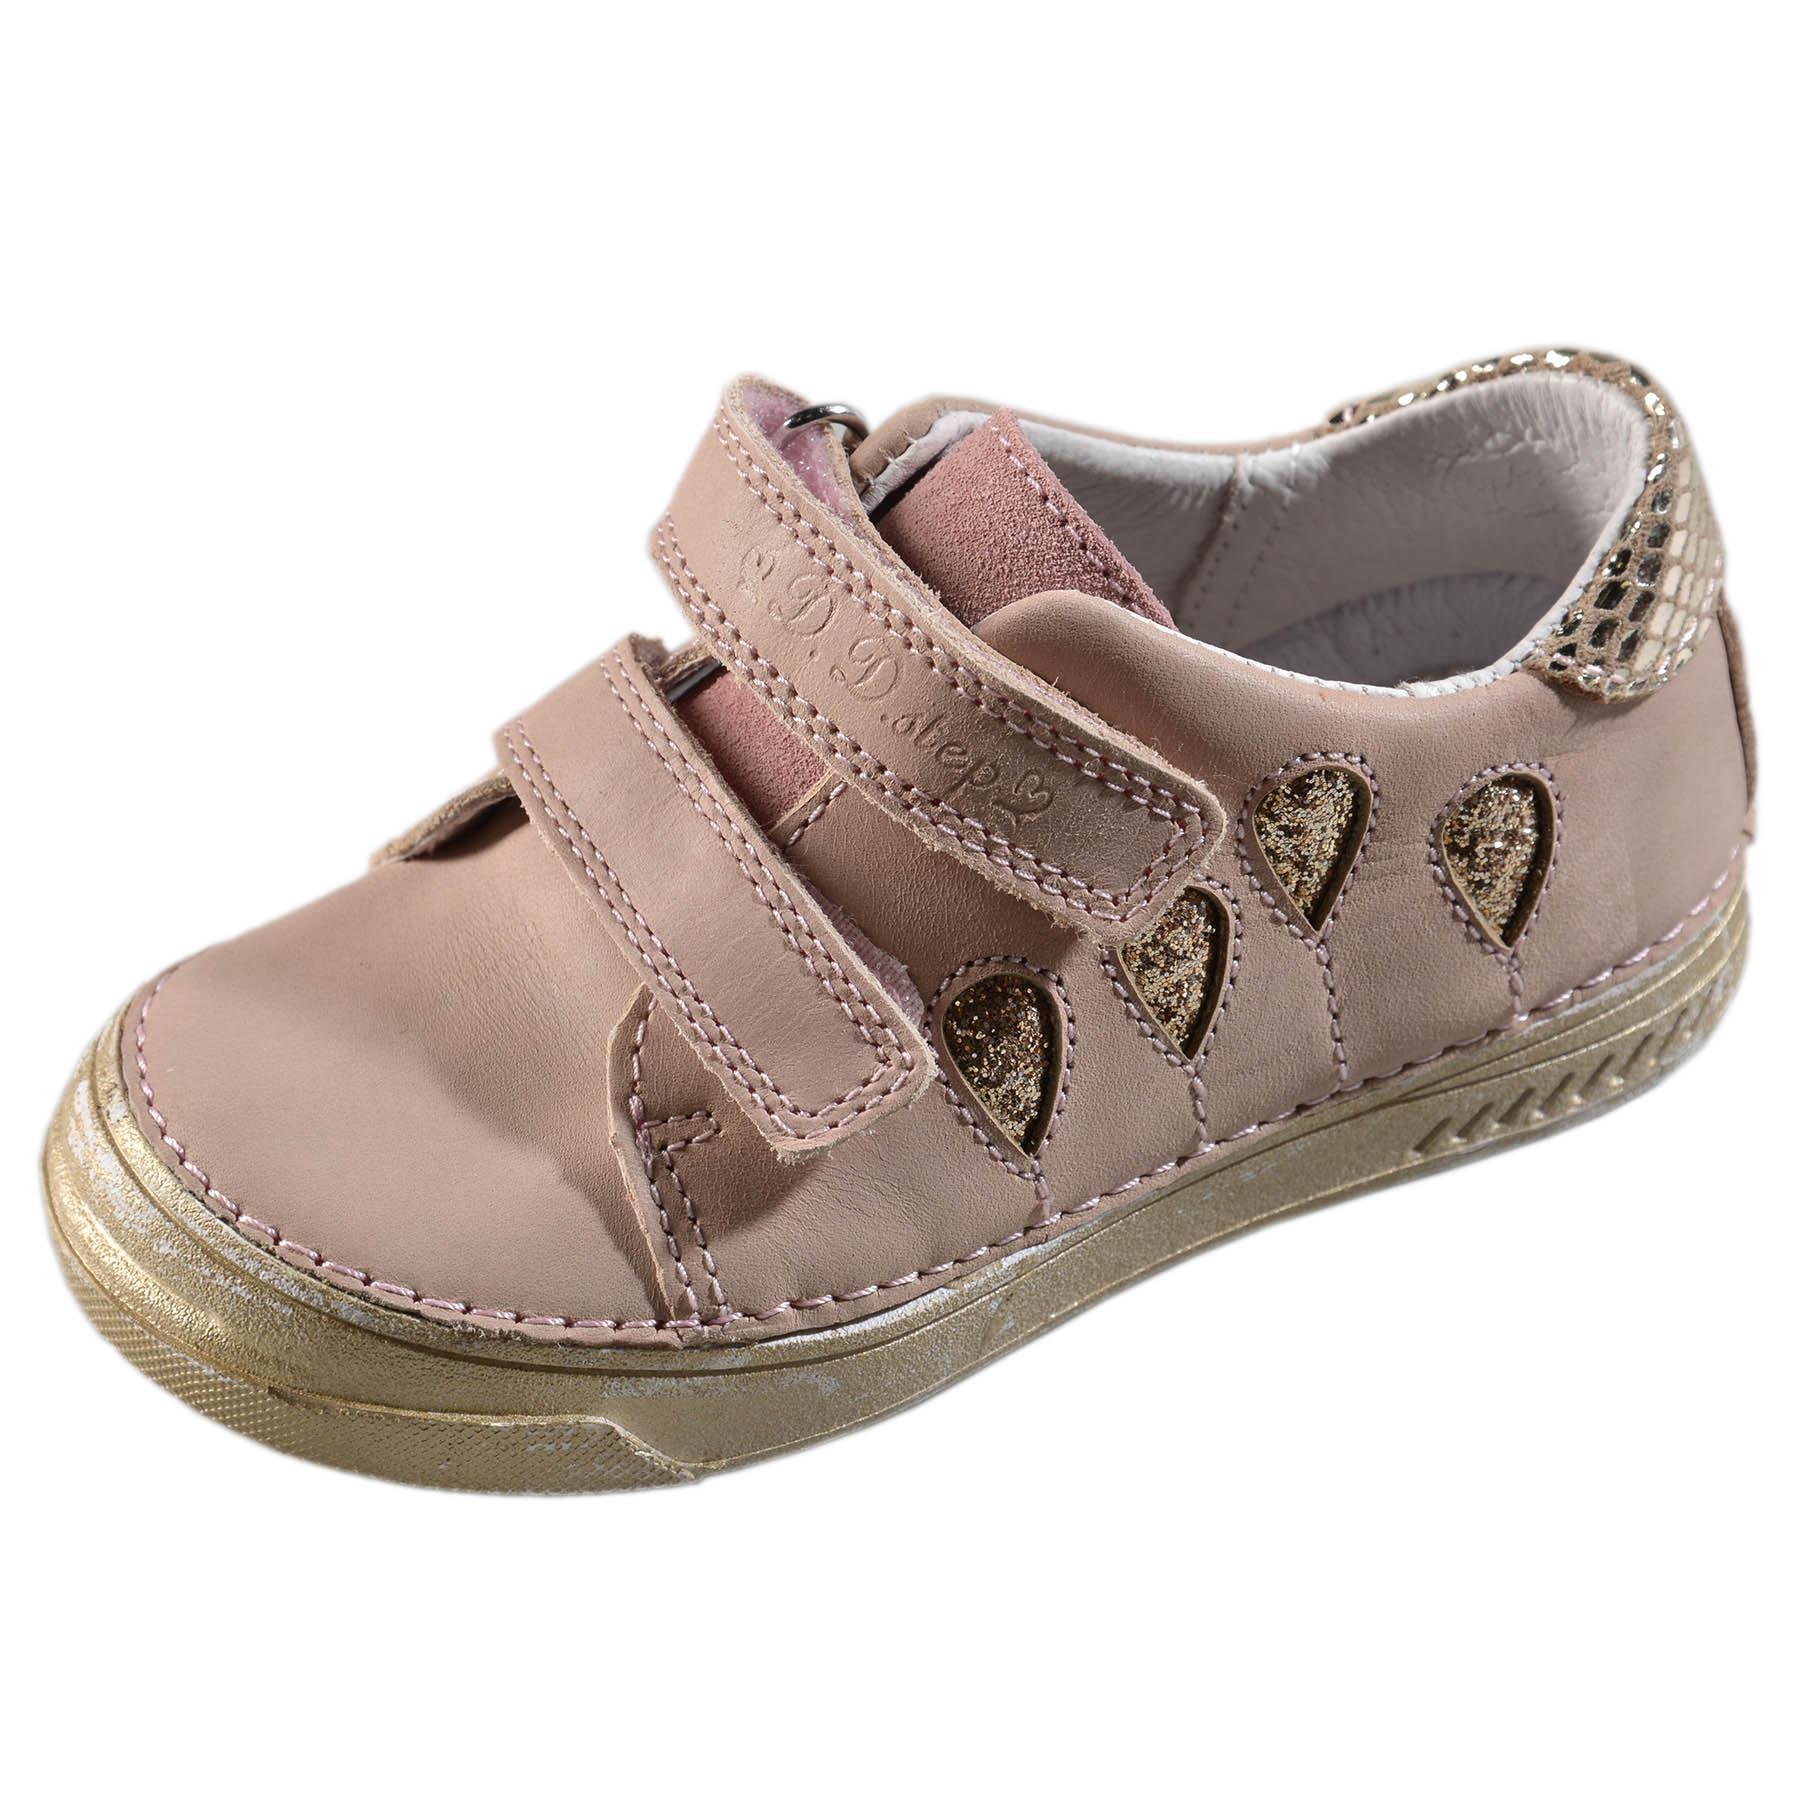 a98812bbdd7a Dievčenské kožené prechodné topánky-Pink DDstep - 040-434AM ...